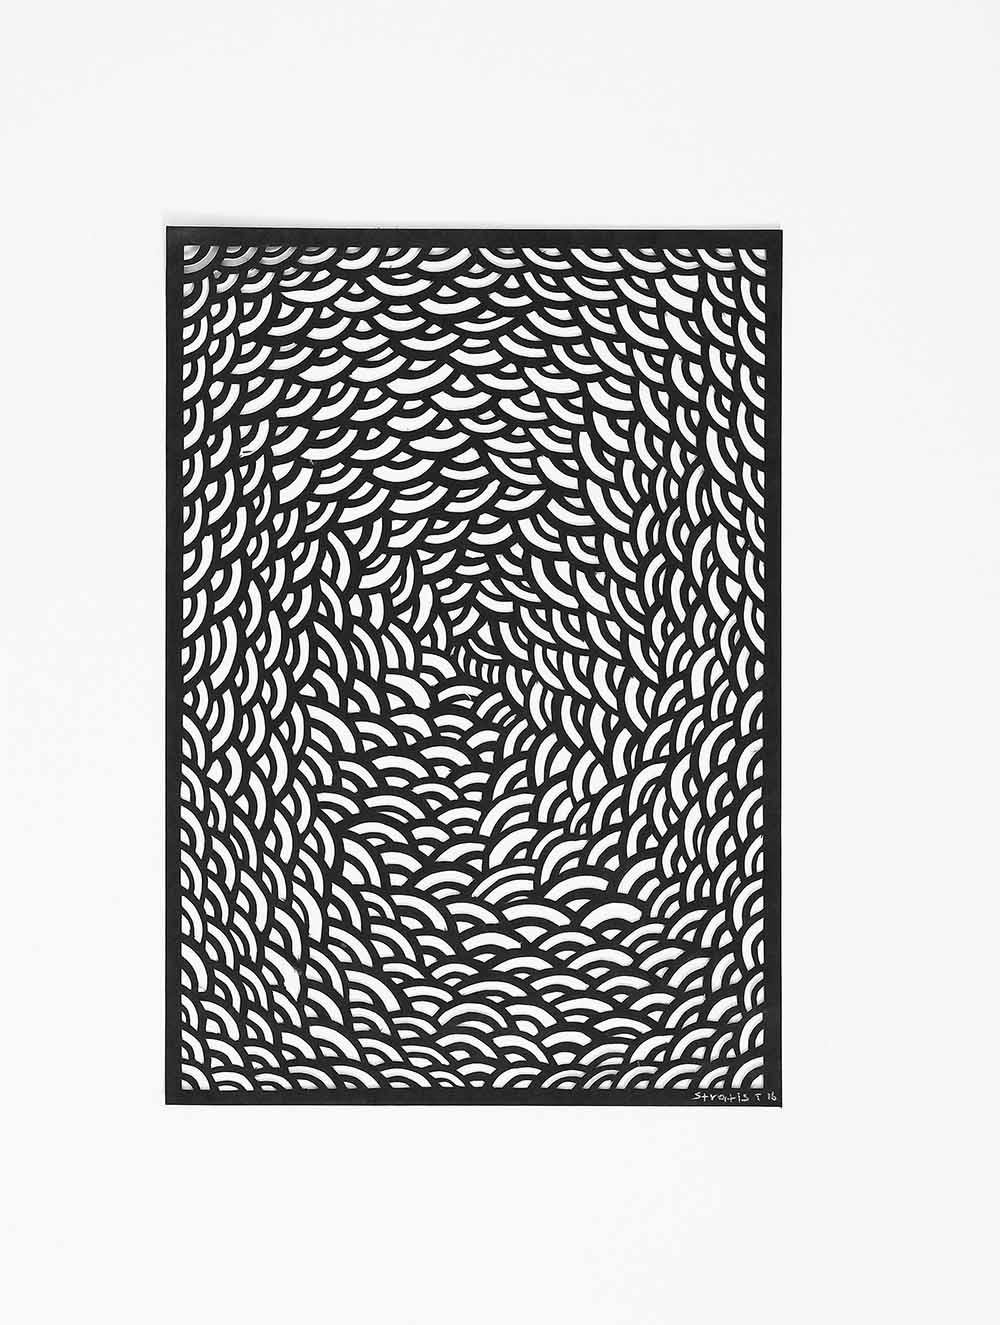 Untitled Black Arcs